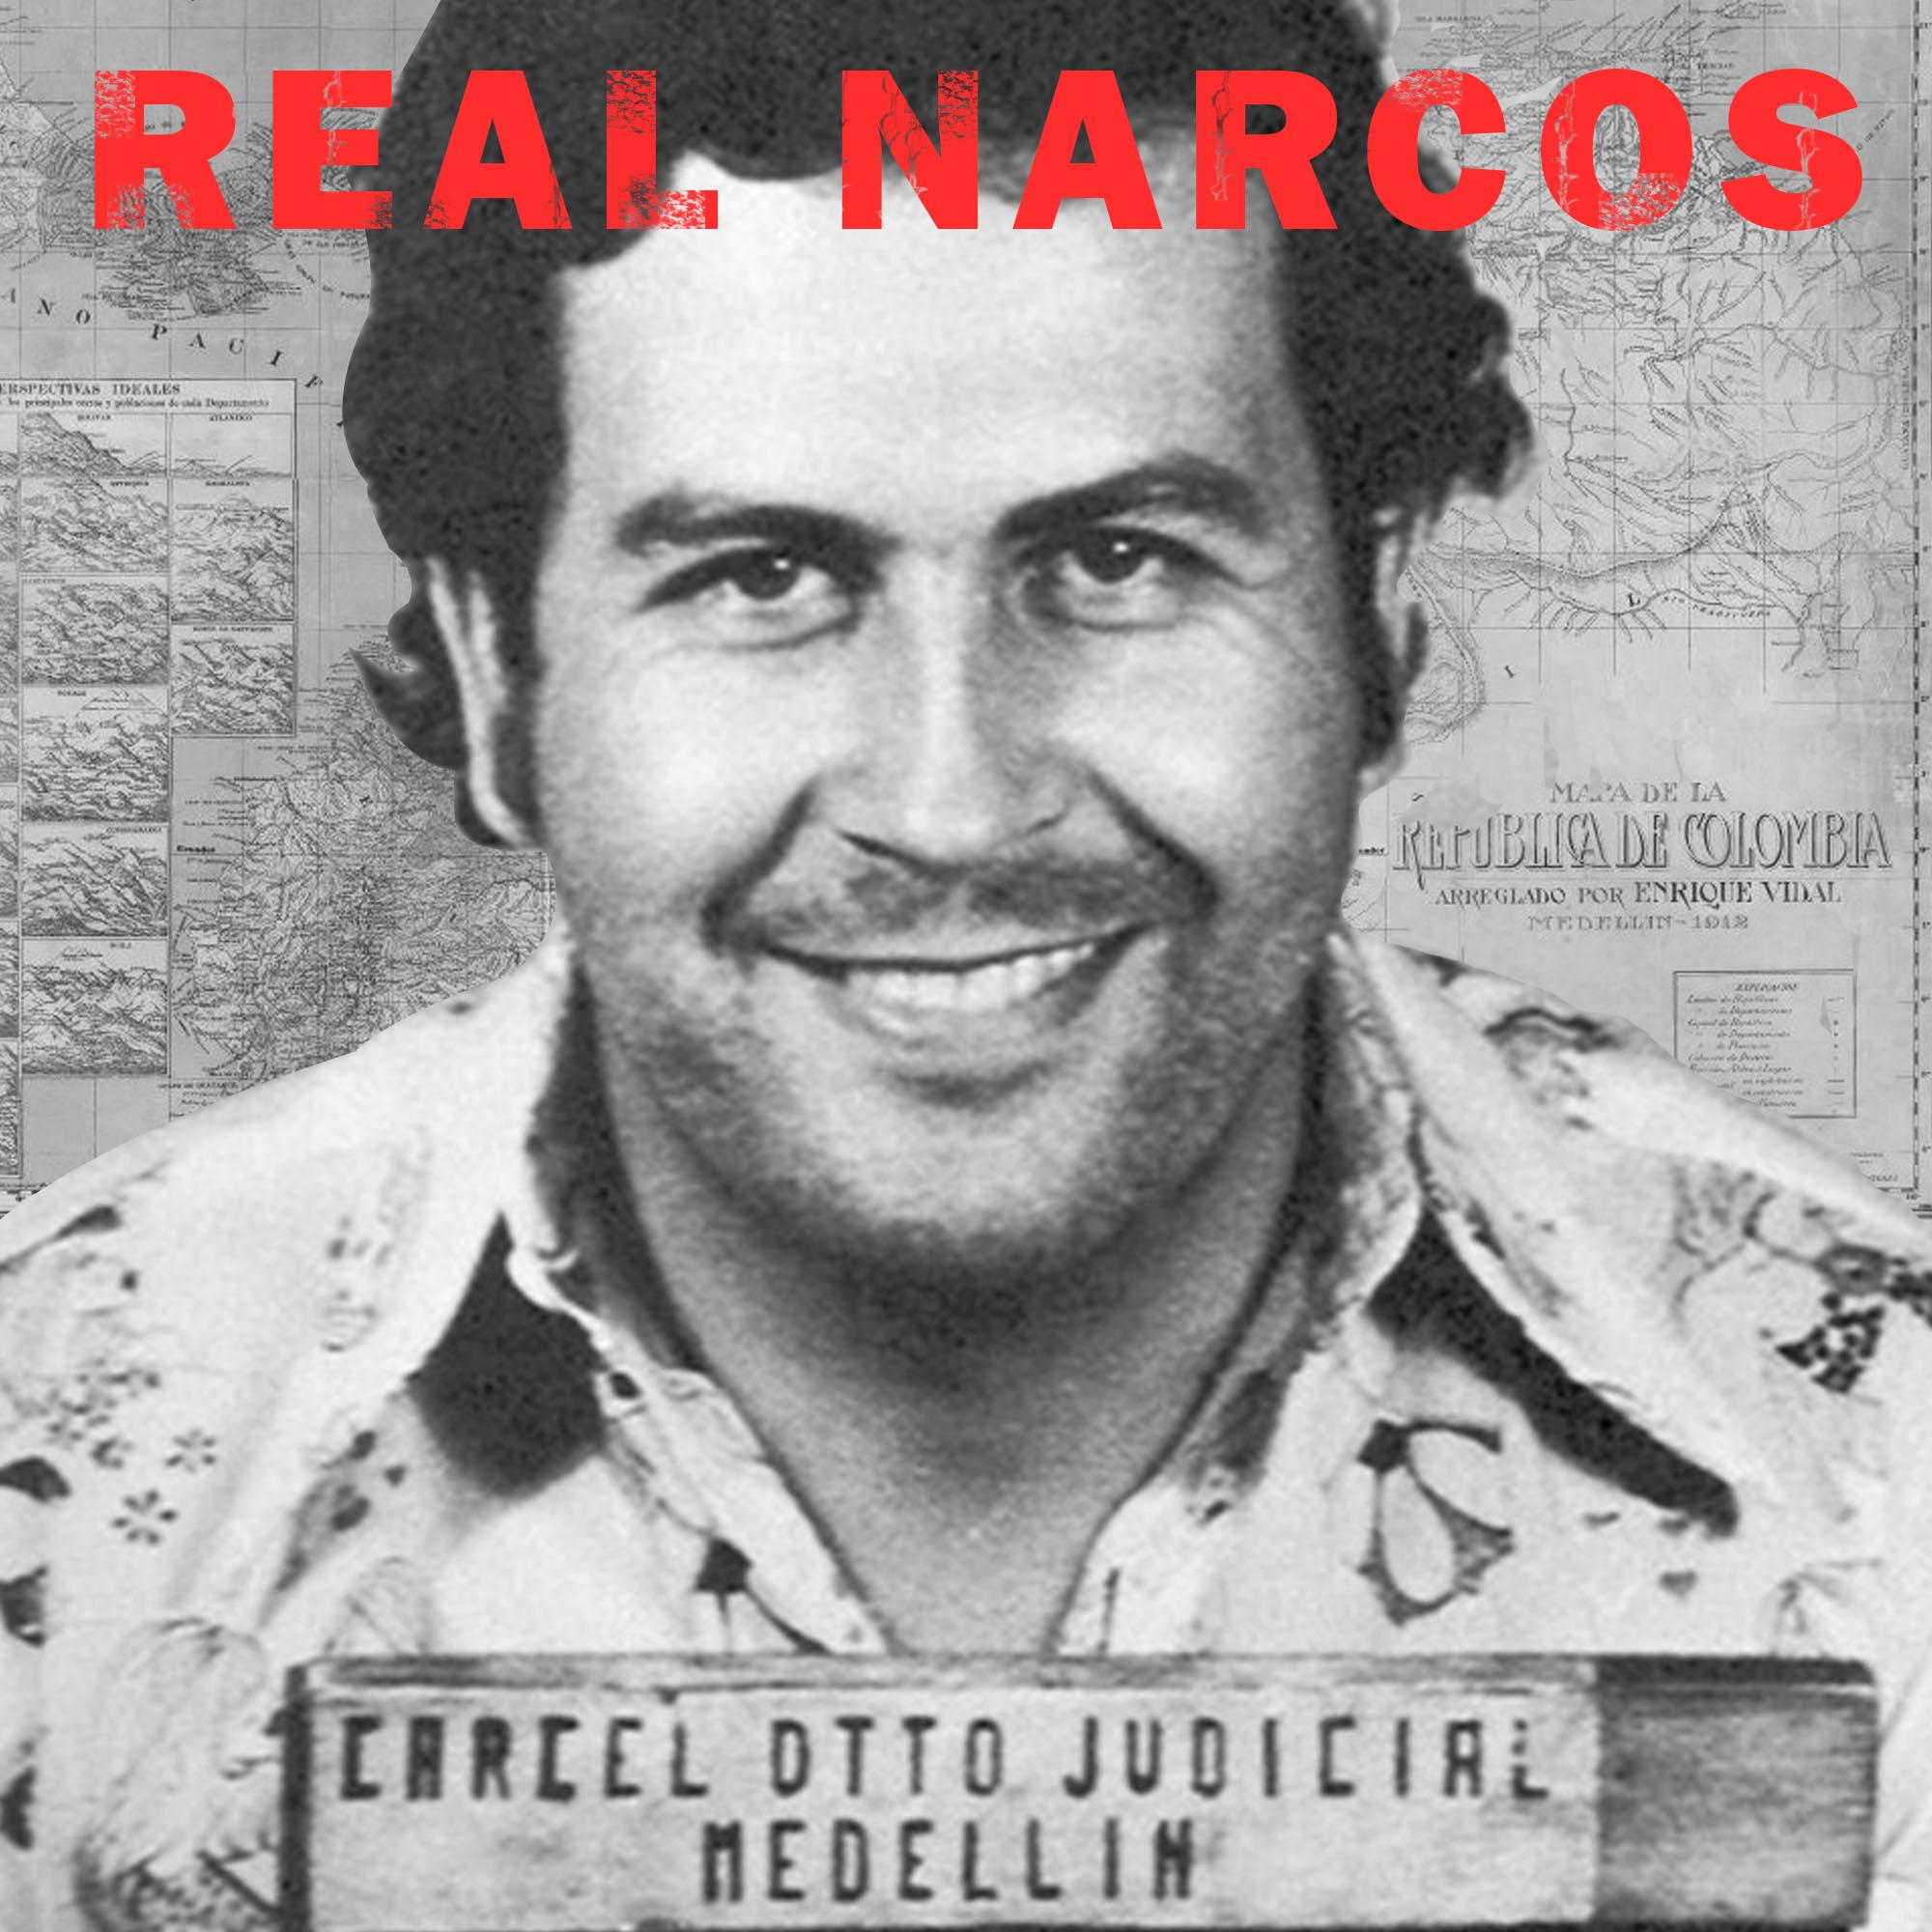 Narcos_v2.jpg